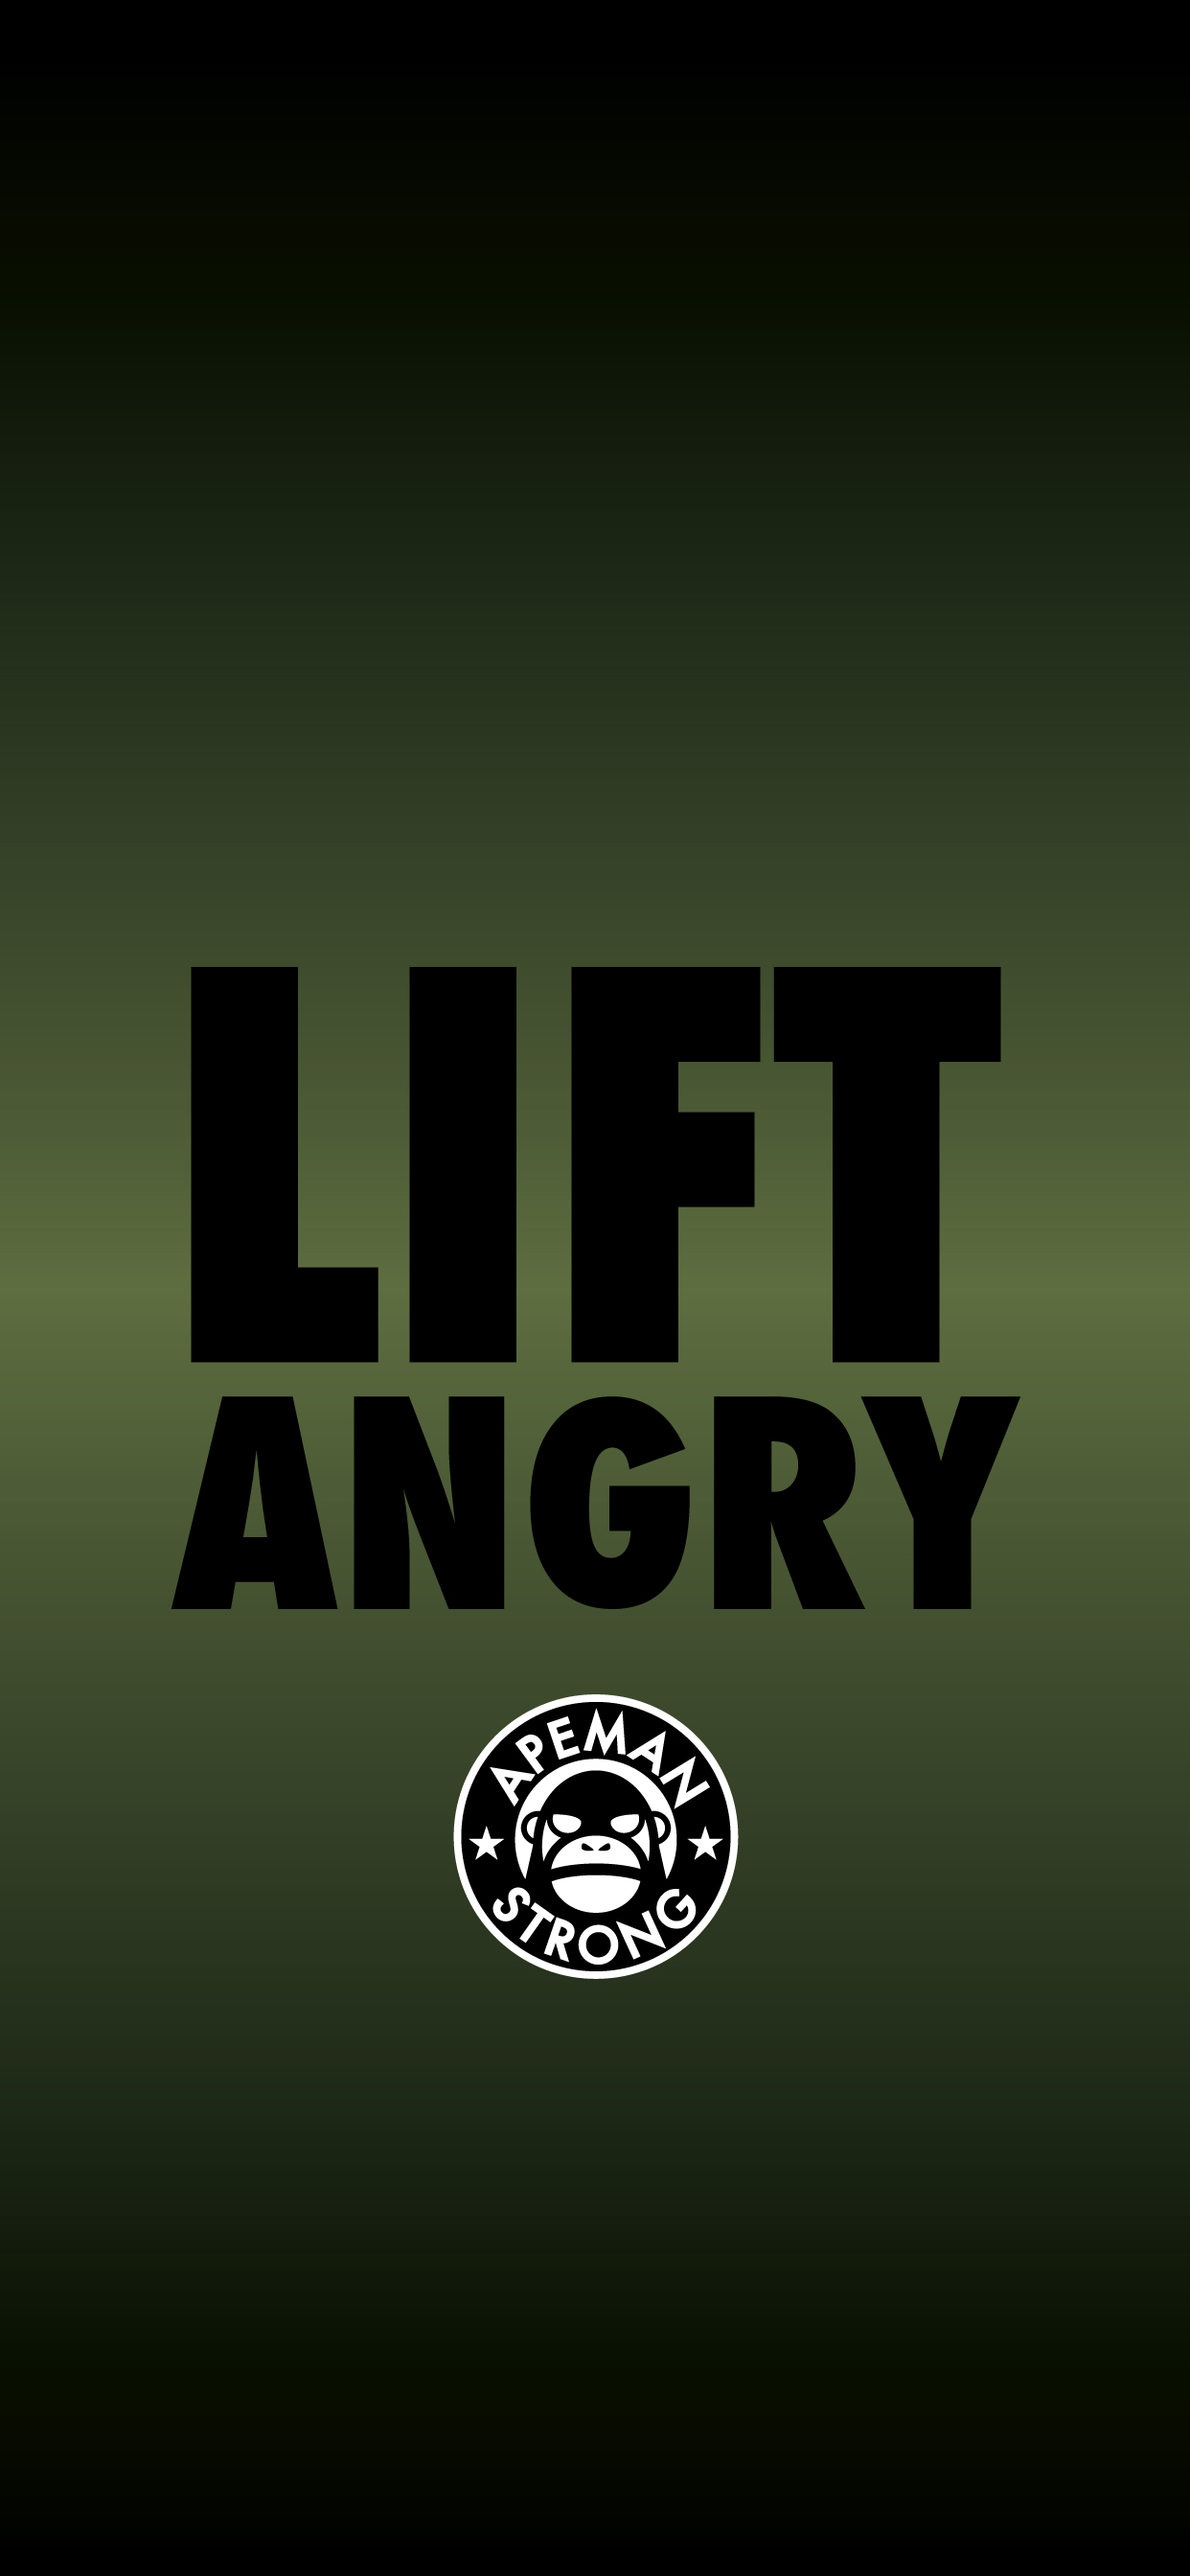 LIFT-ANGRY.jpg